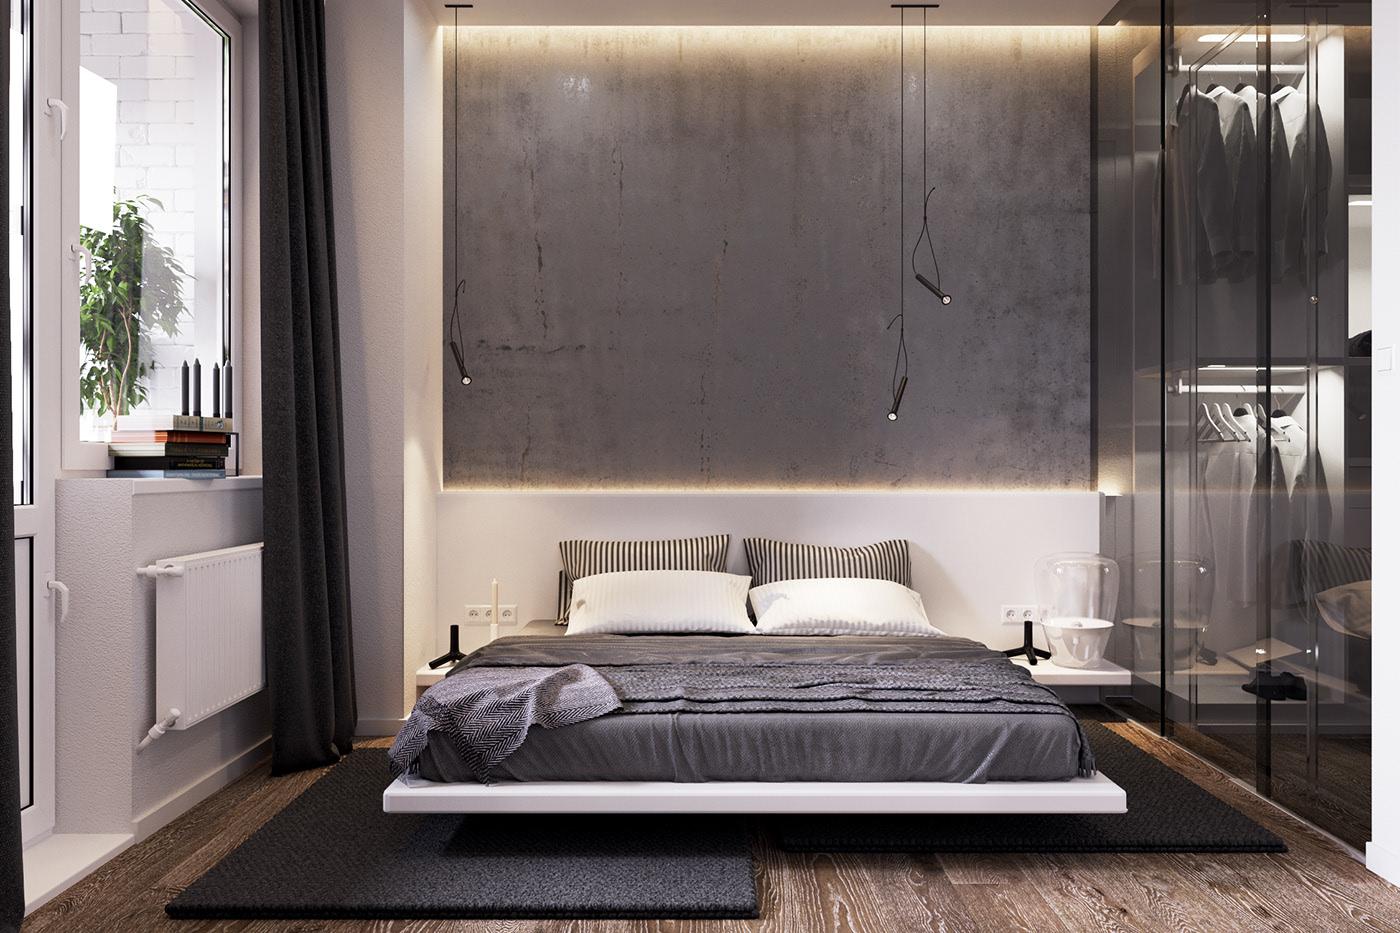 66平现代简约公寓卧室装修效果图